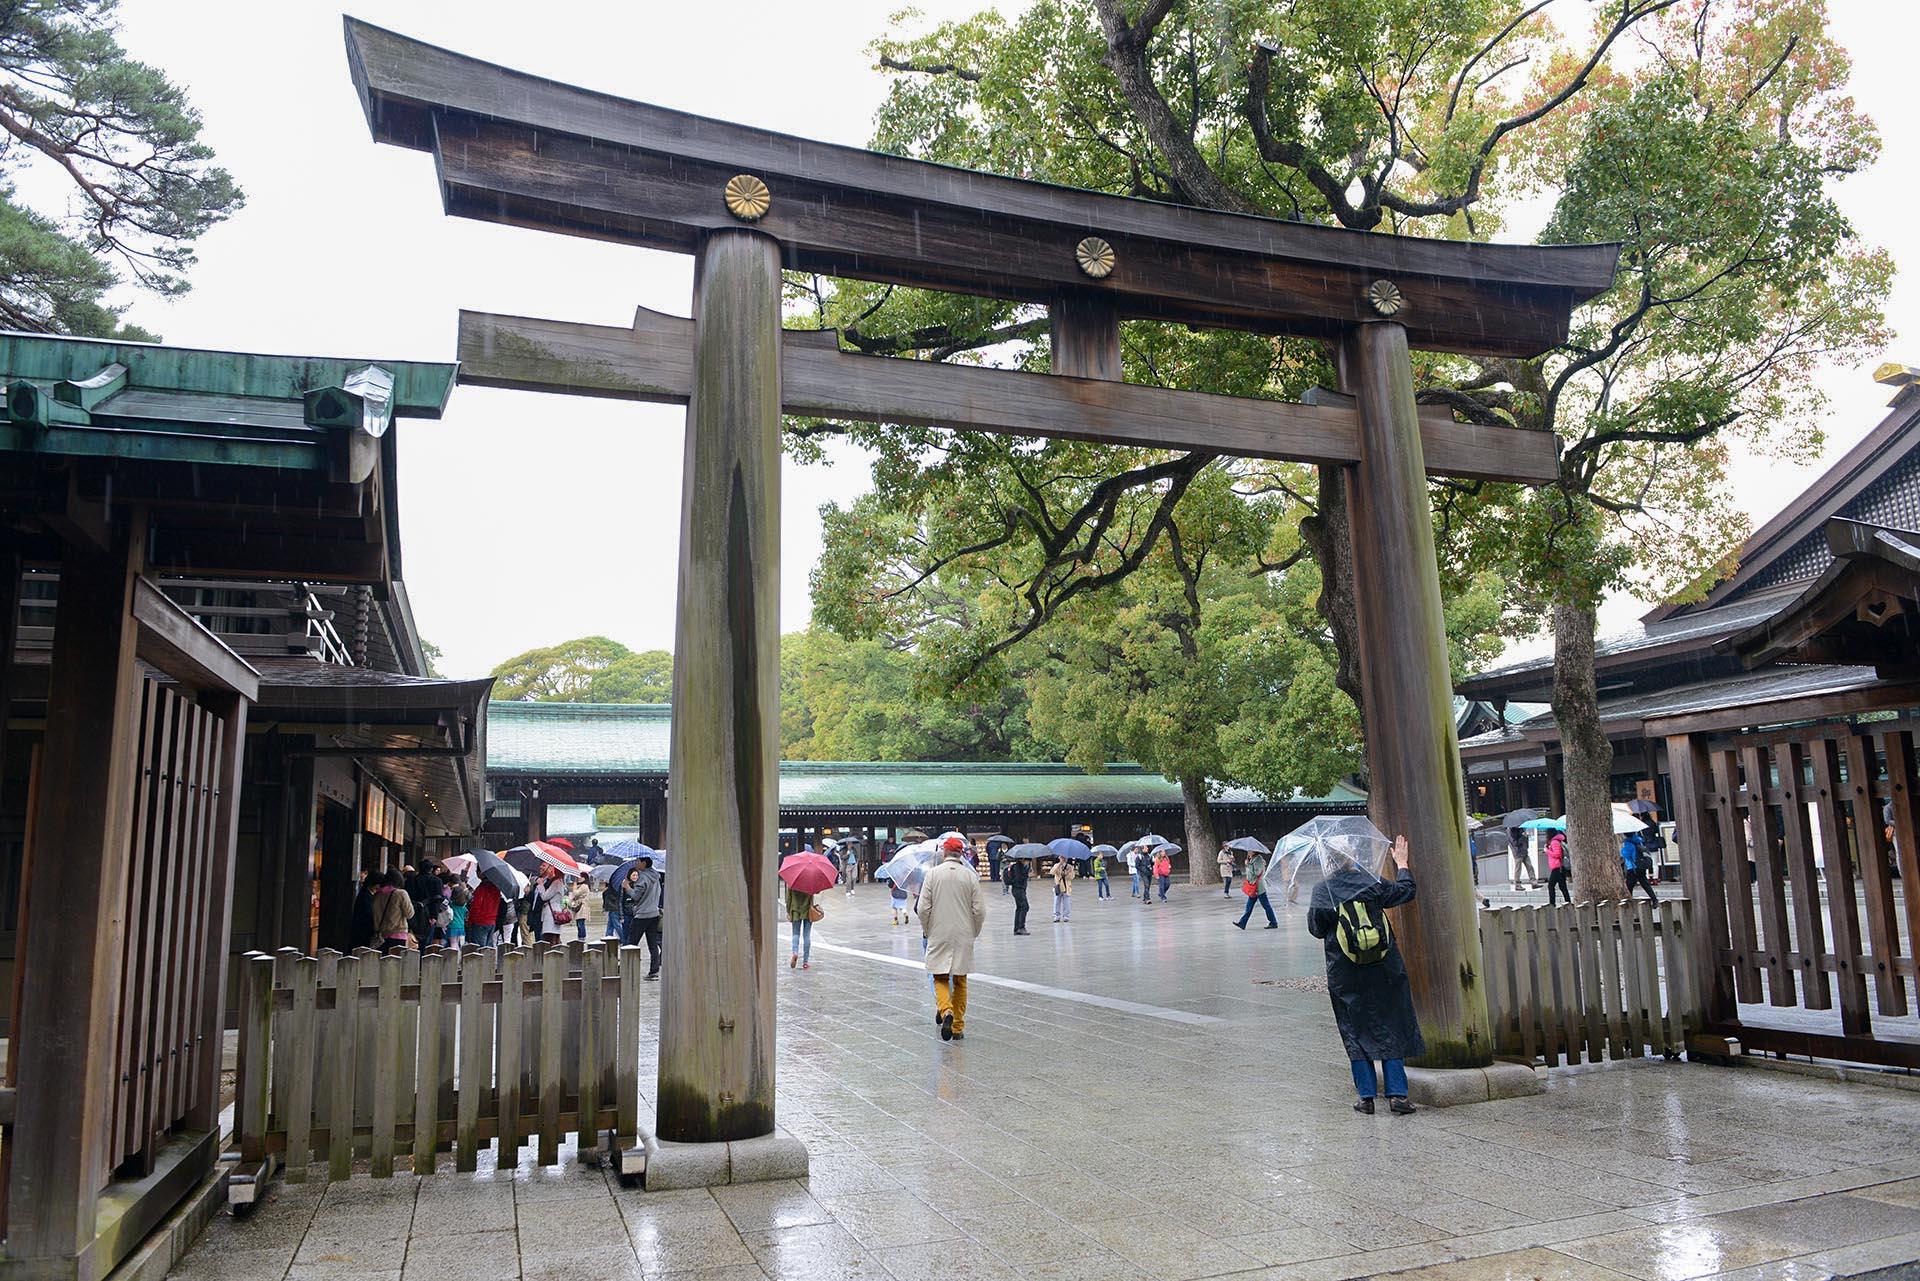 Entrance to Meiji Shrine || Shibuya, Tokyo